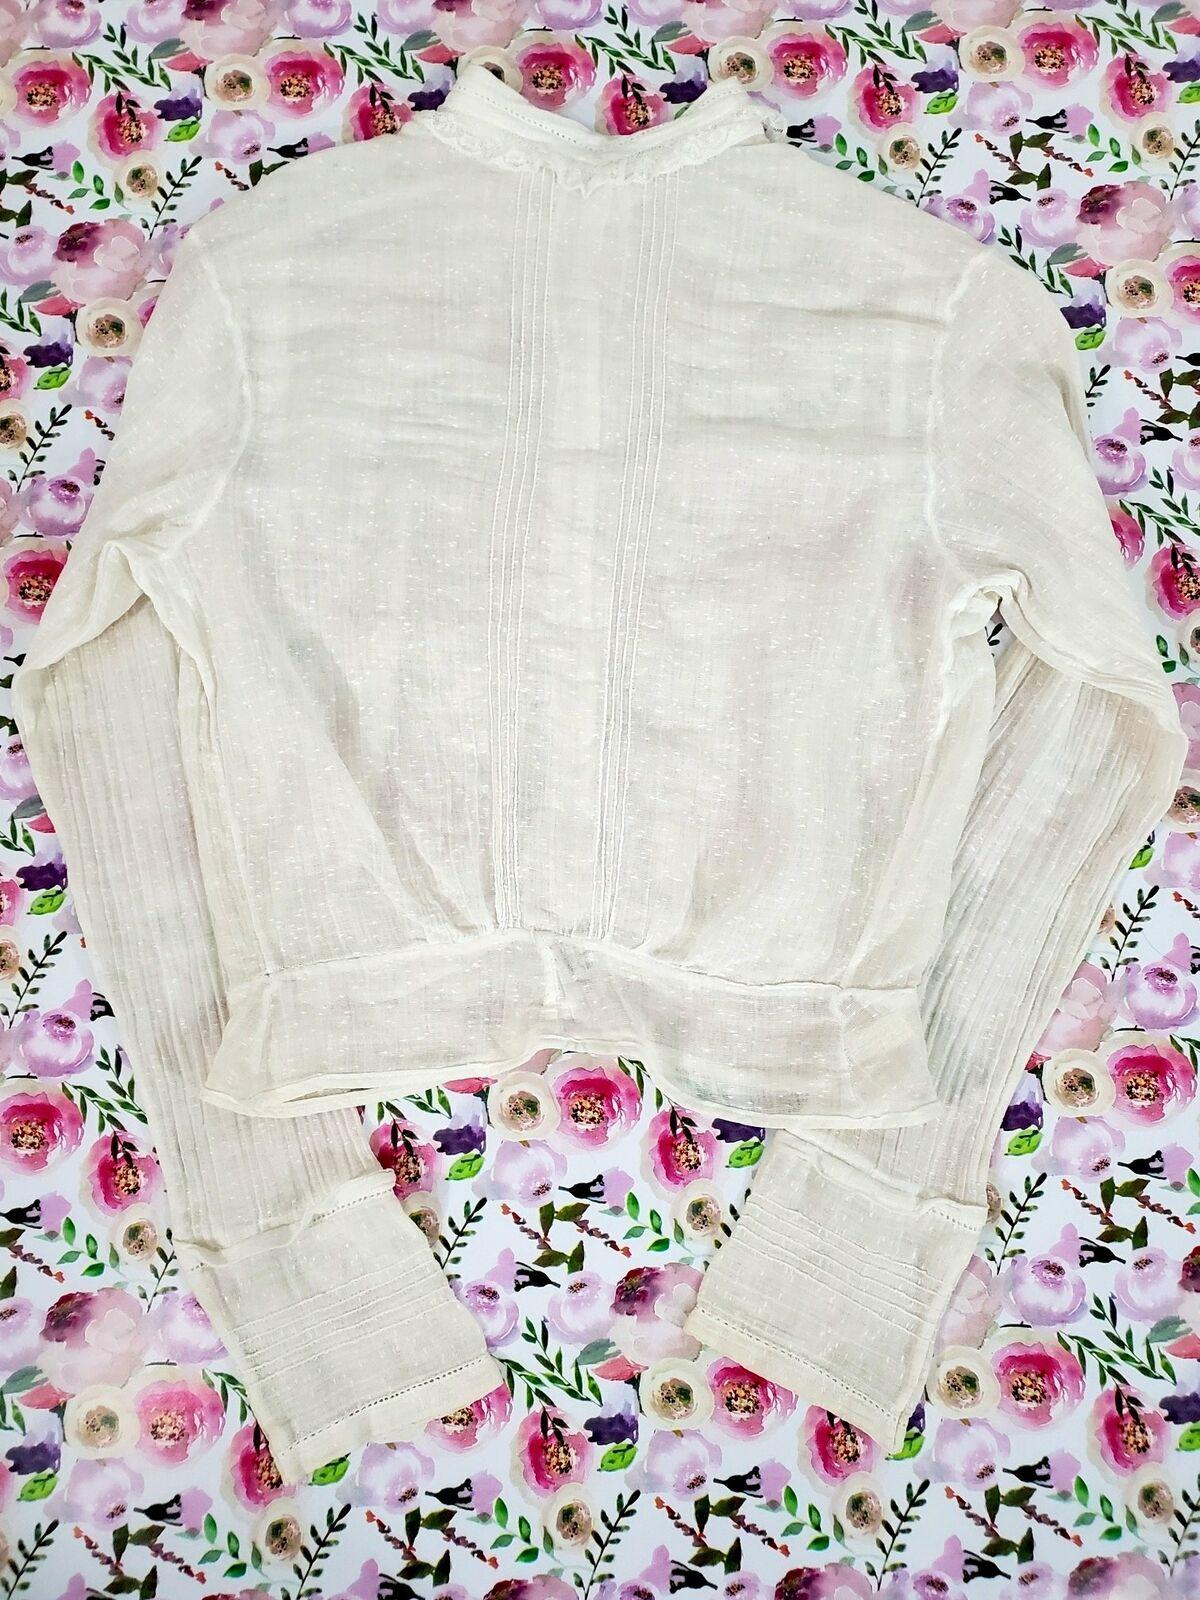 Vintage 10s Antique Cotton Blouse - xs, sm, petite - image 3